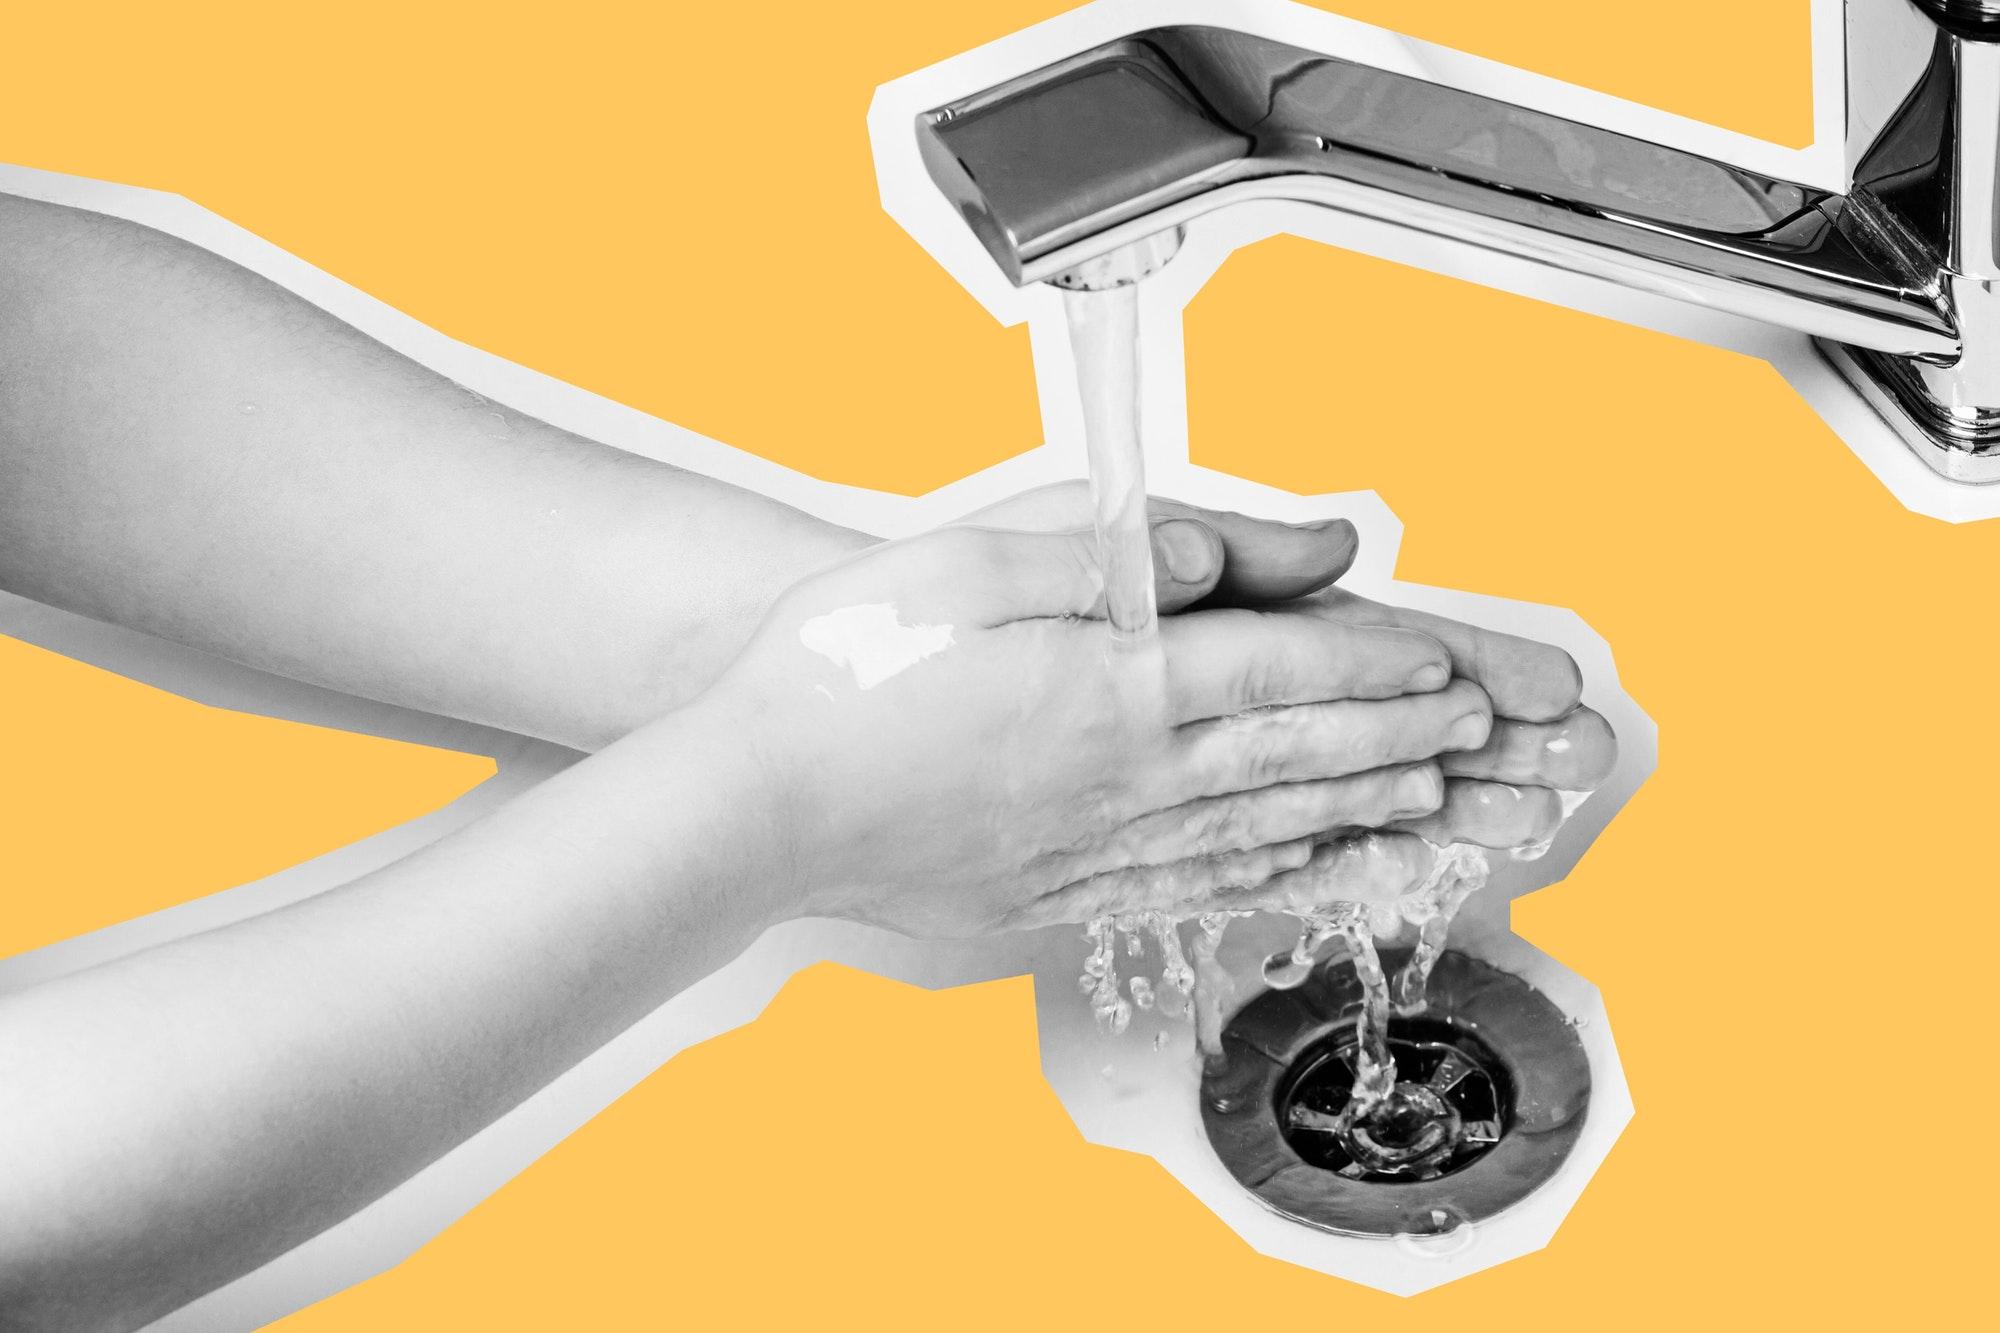 Boy washing his hands. Papercut design